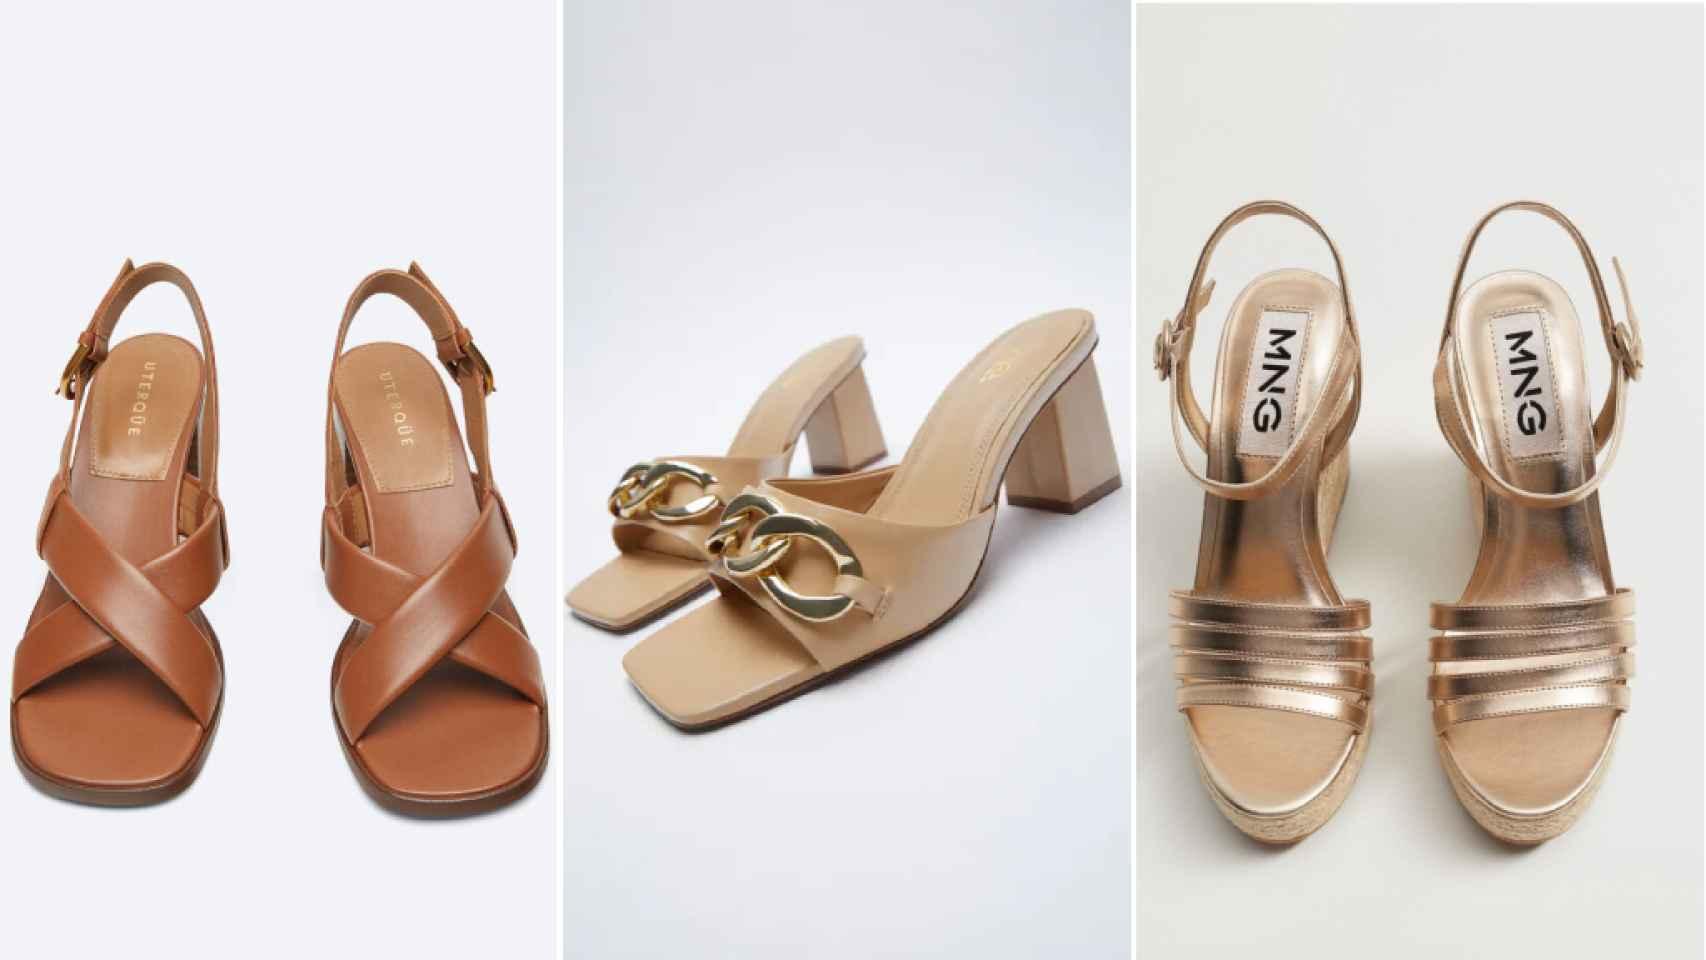 Sandalias cómodas para un 'look' de invitada perfecta.